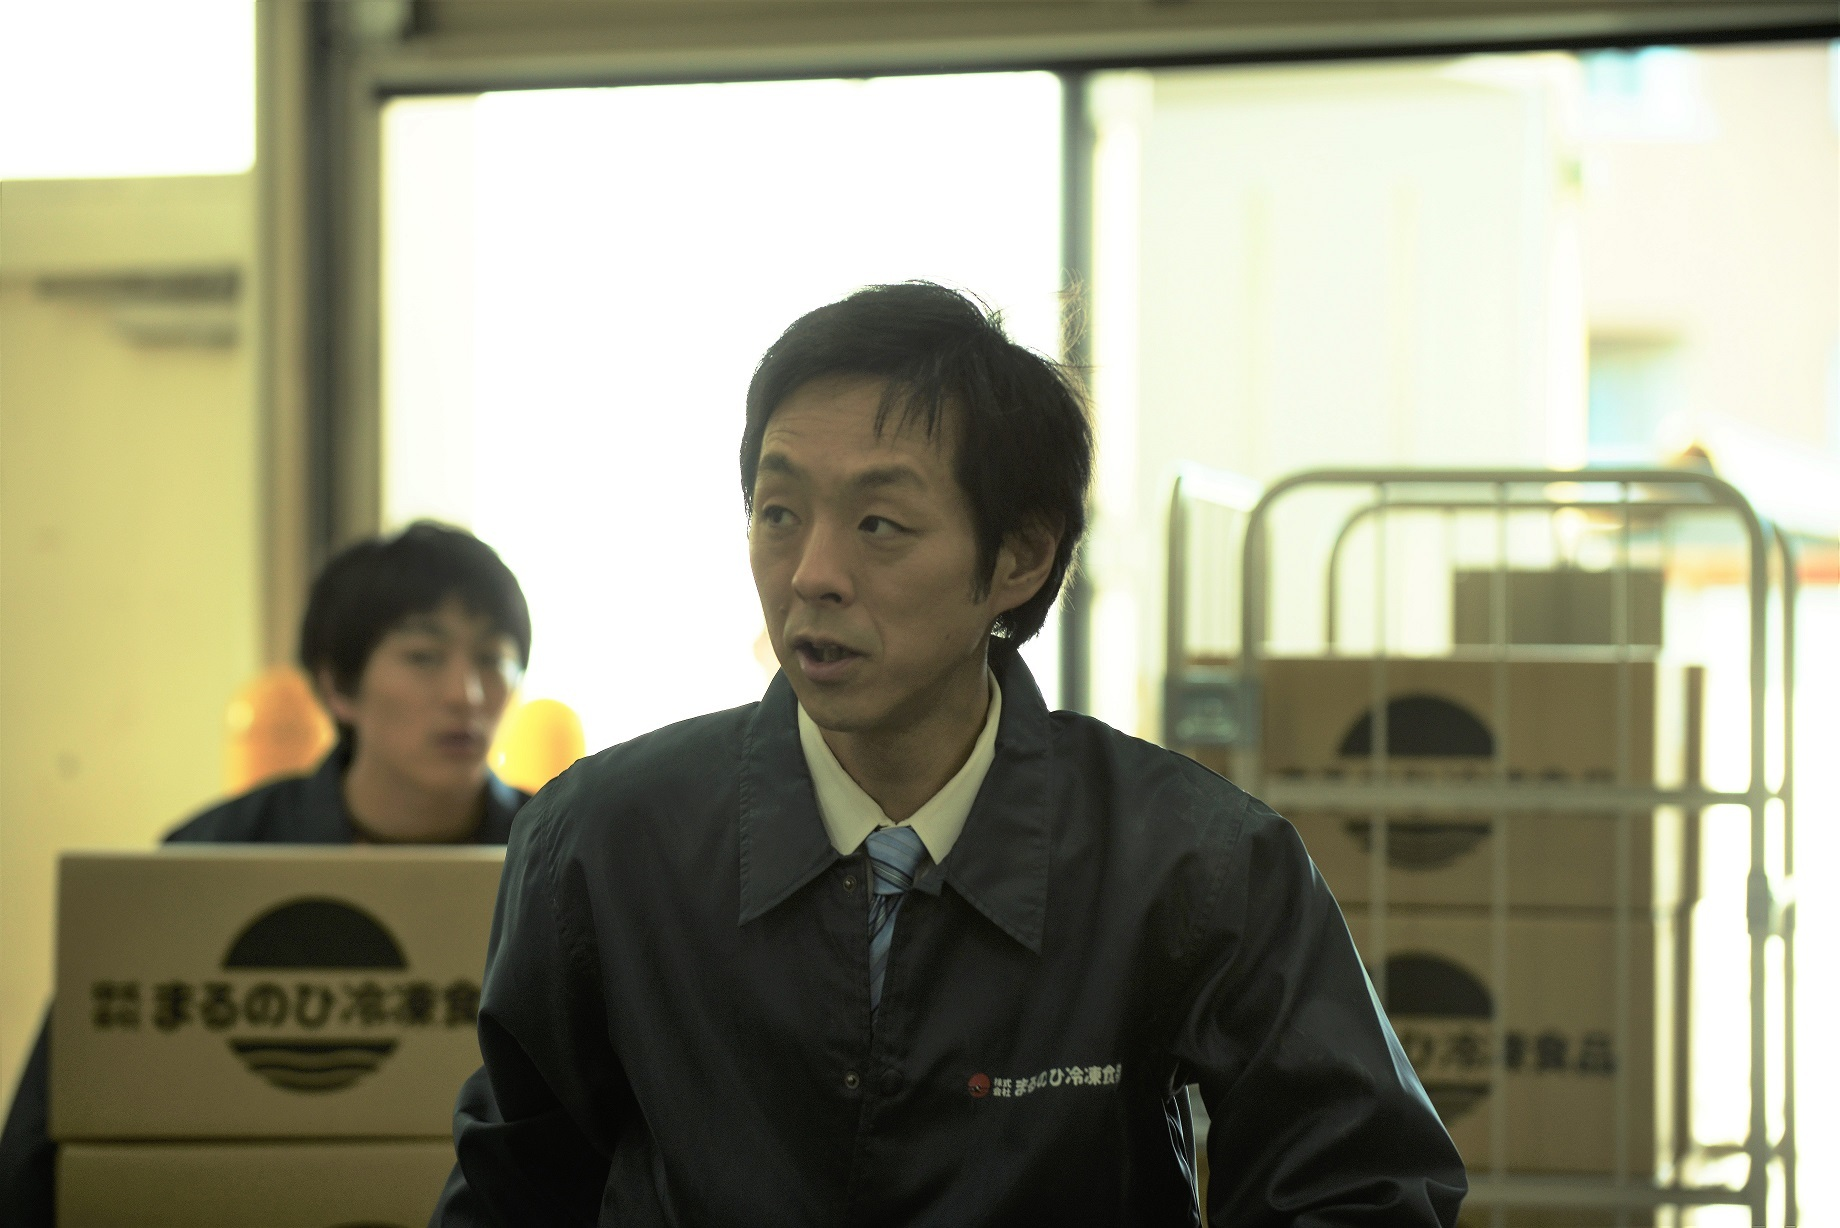 宮藤官九郎 (C)2019「いちごの唄」製作委員会